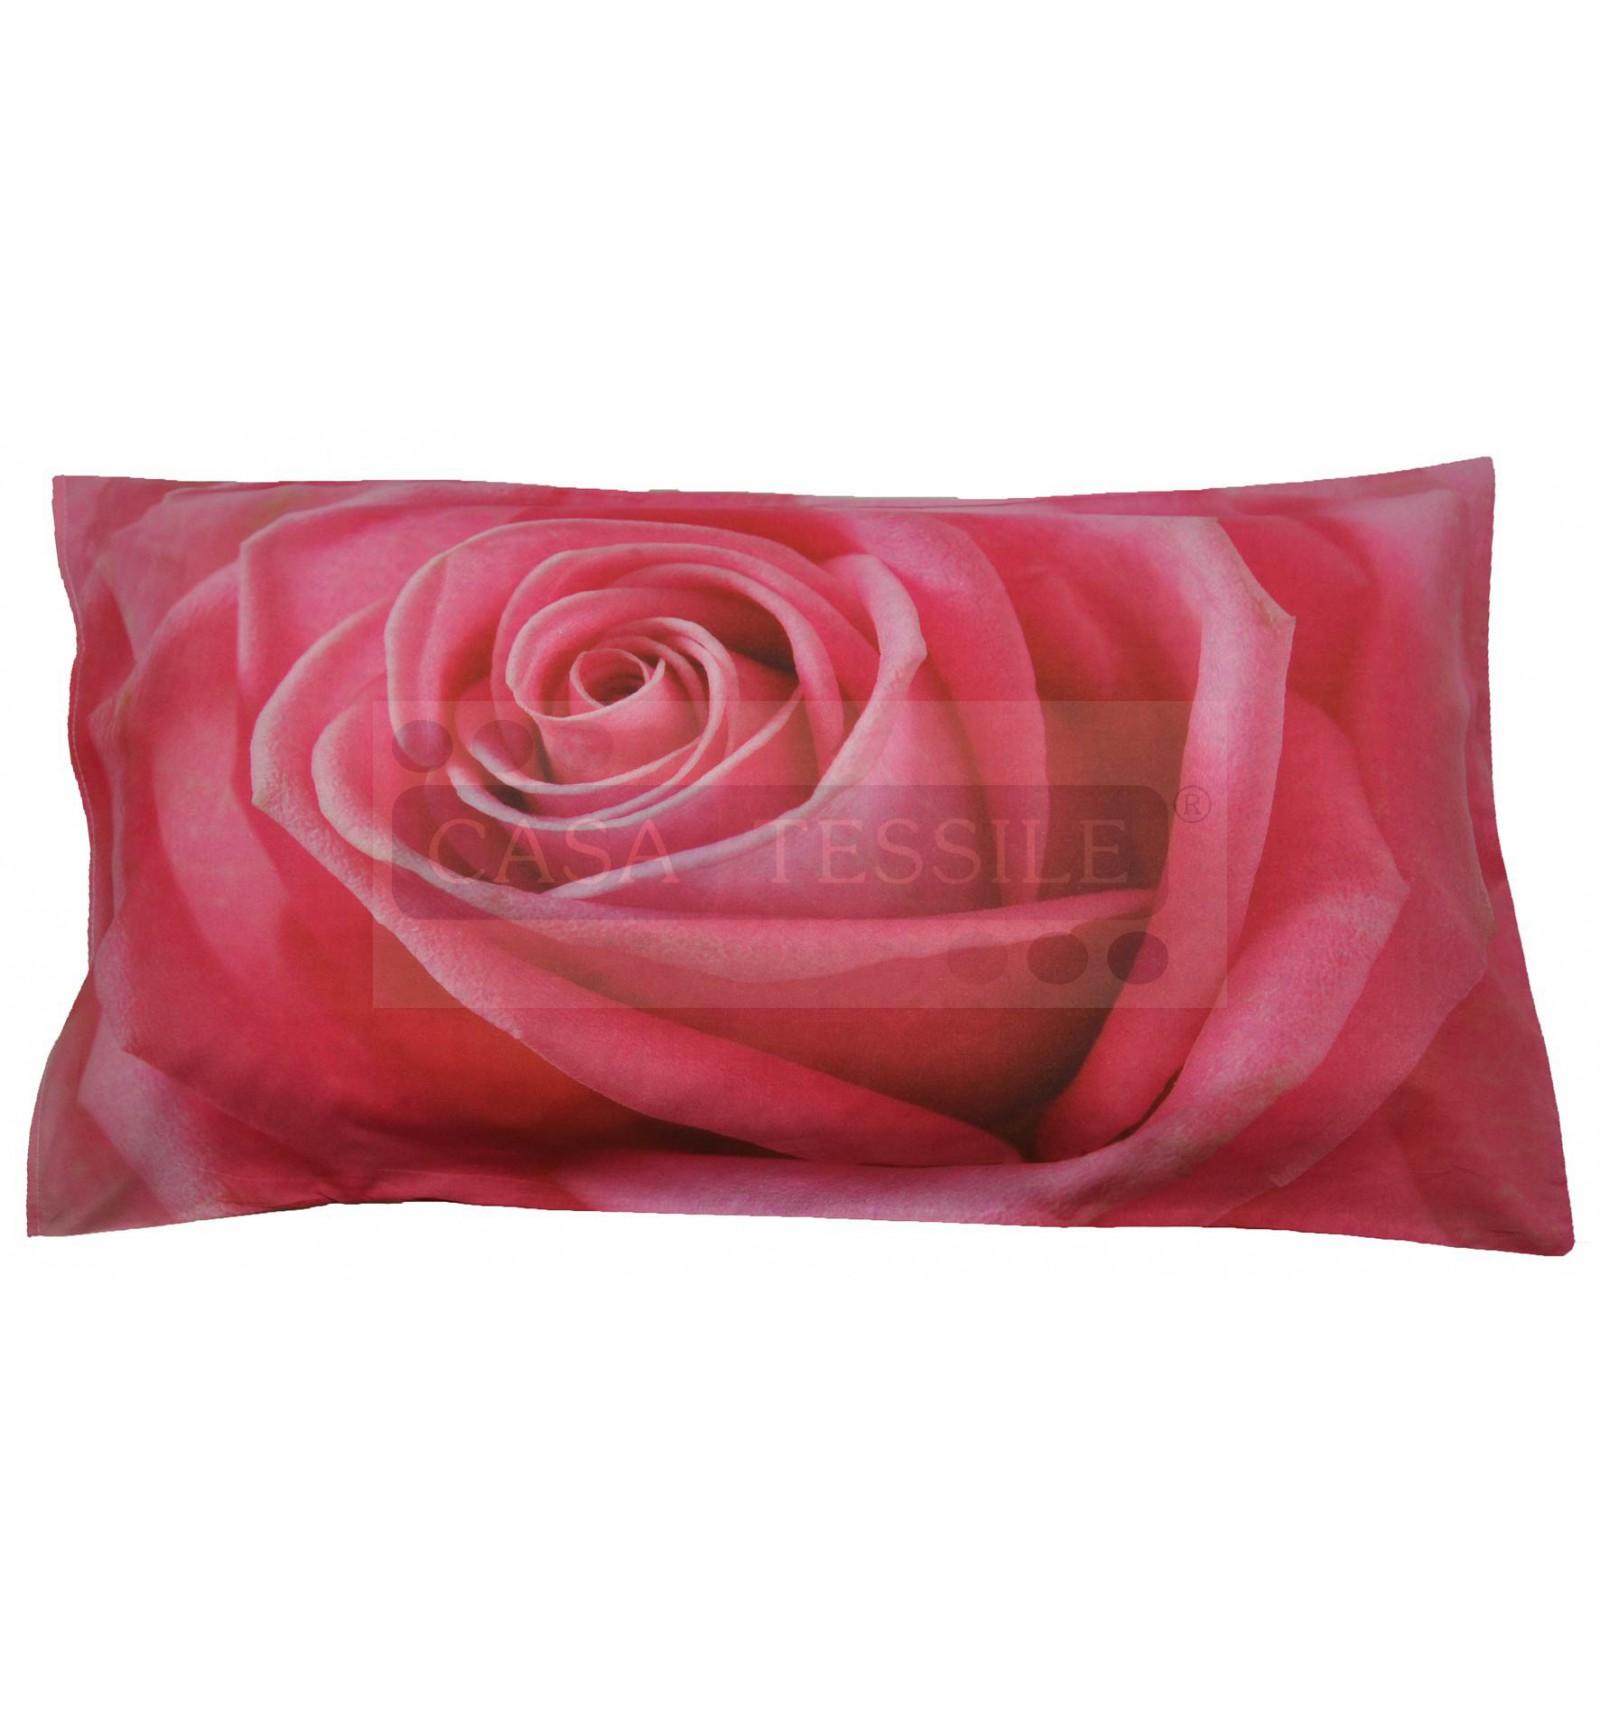 Federa cuscino letto stampa fotografica Rosa  CASA TESSILE